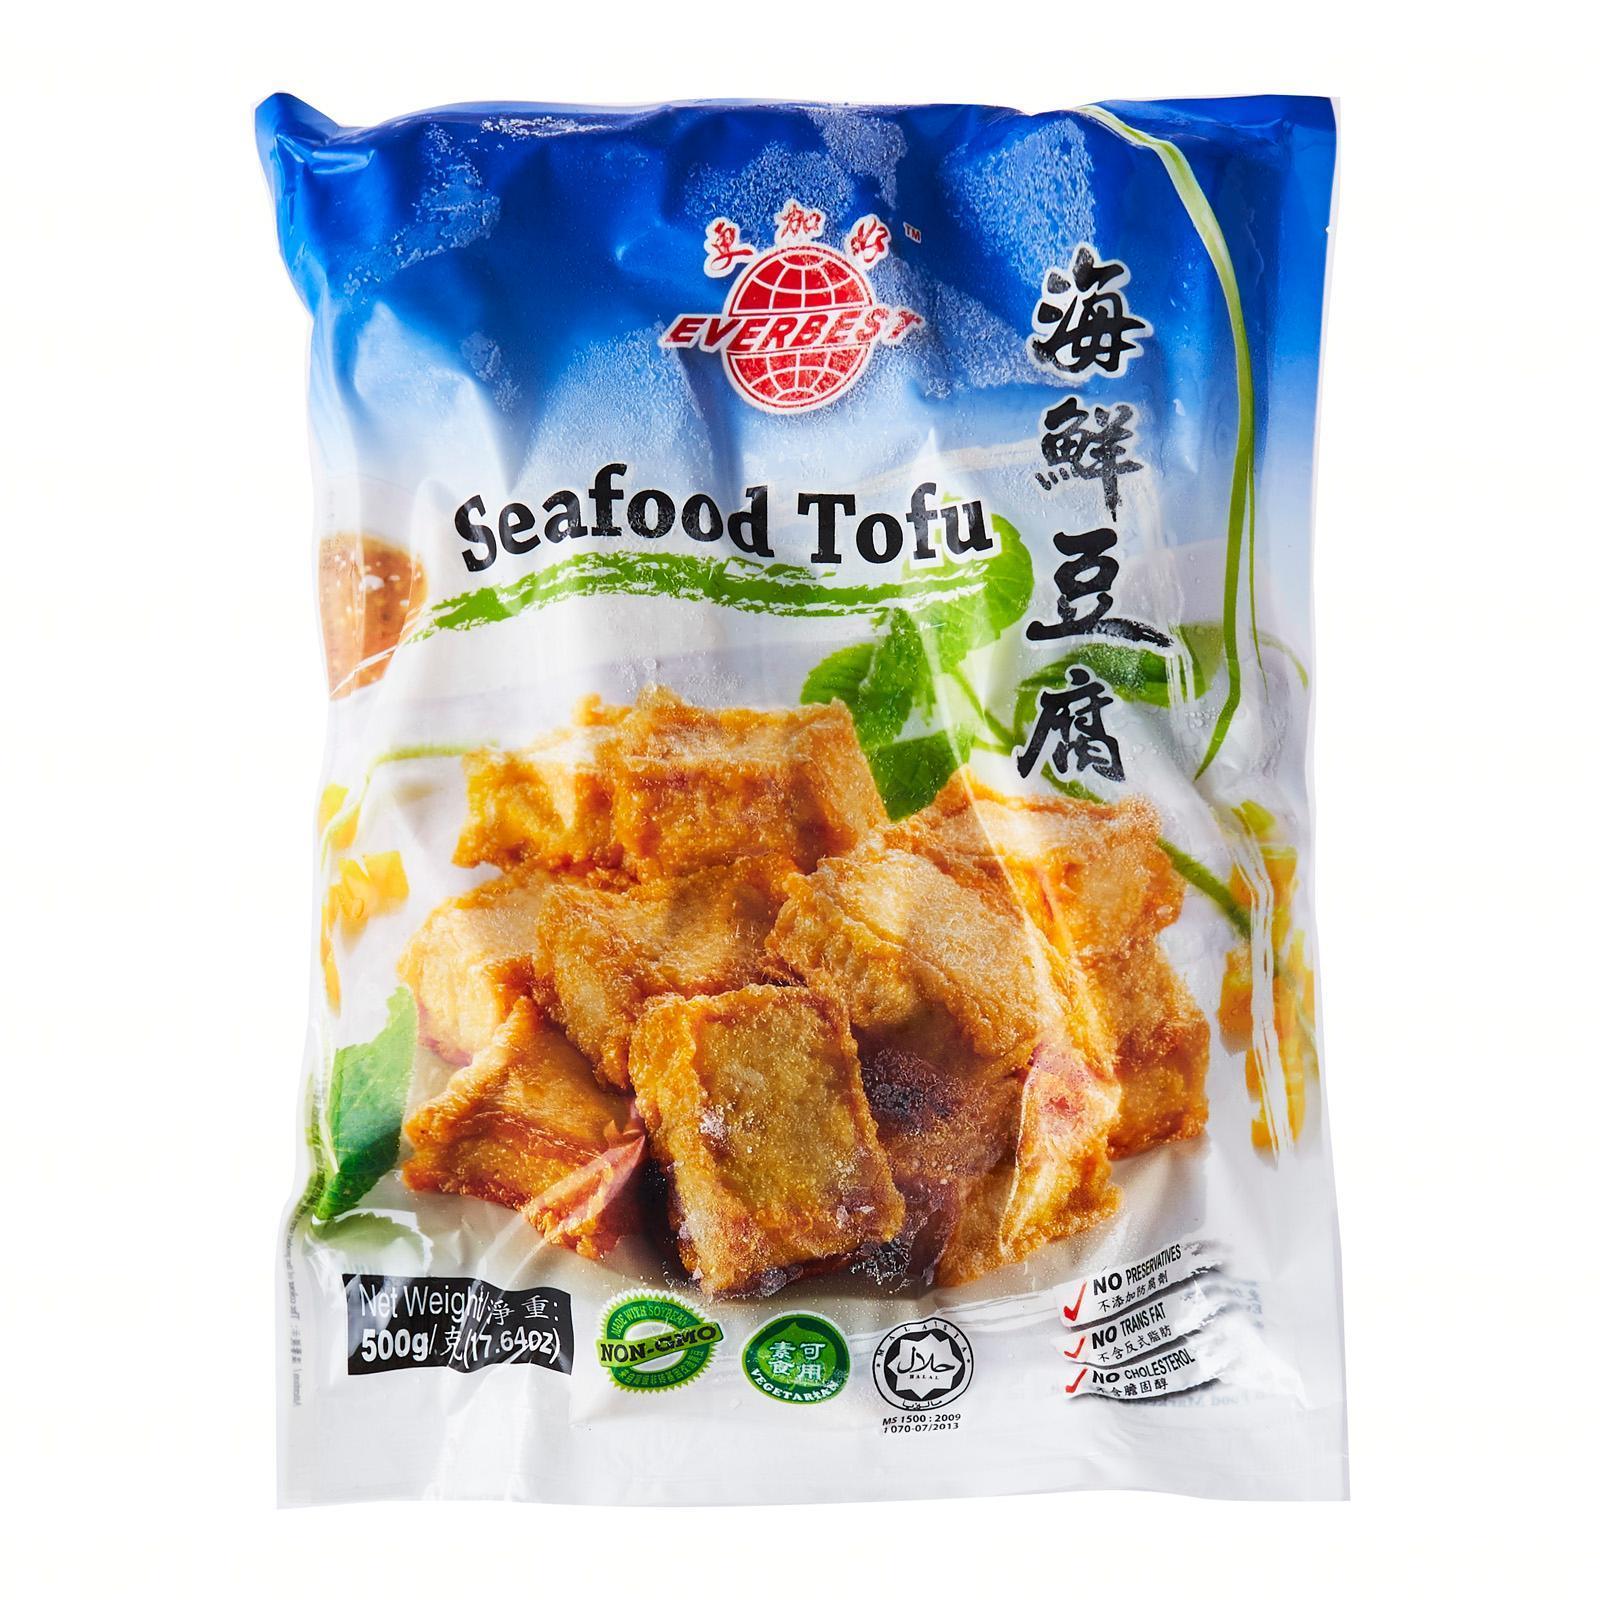 EB Vegetarian Seafood Tofu - Frozen